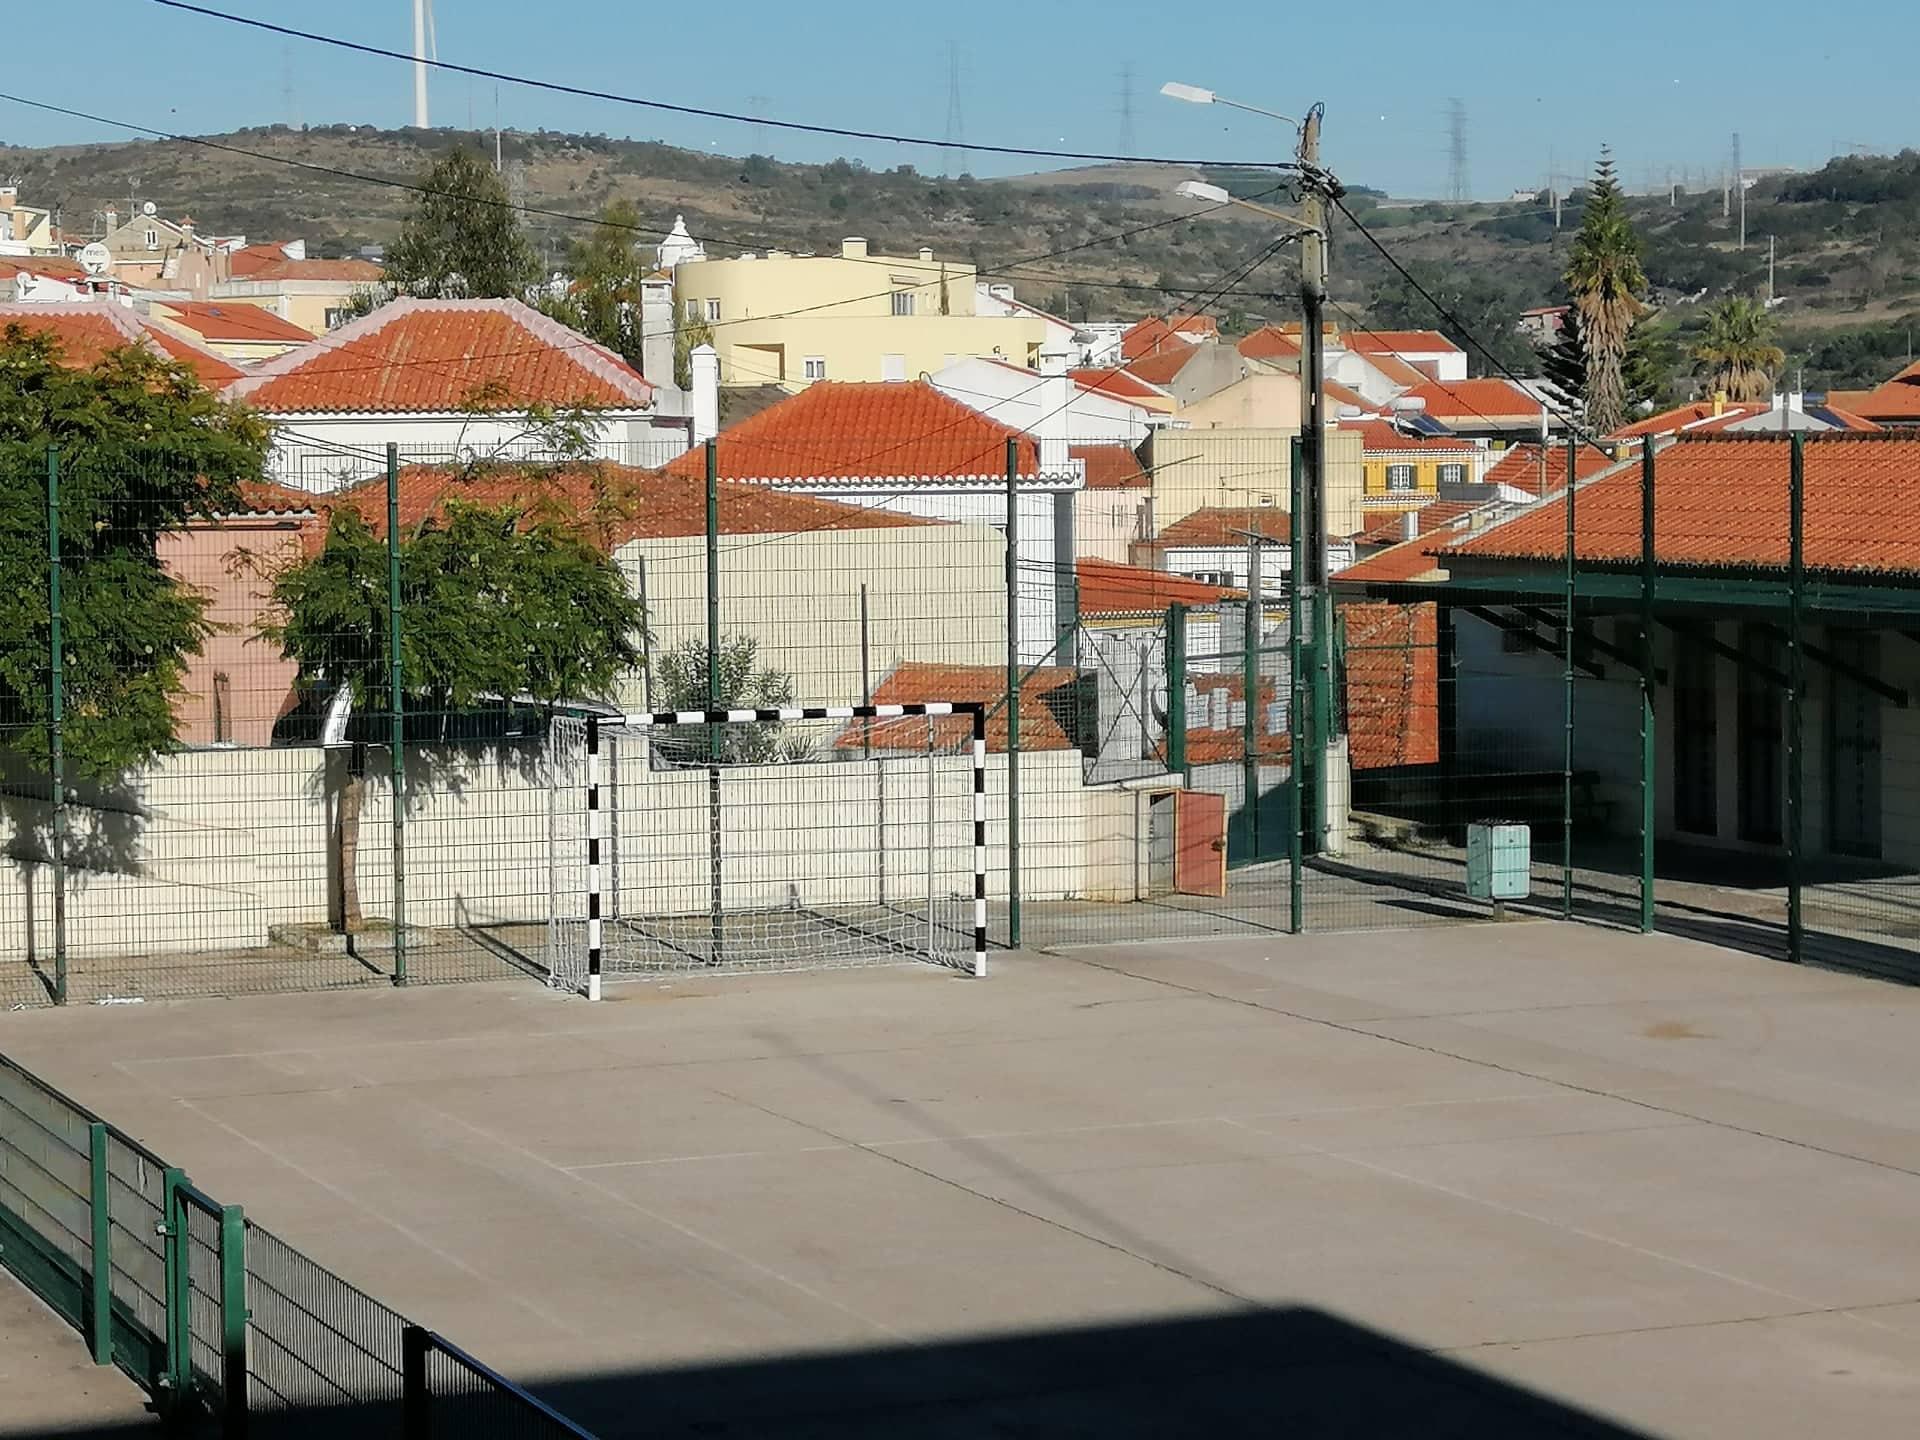 FANHÕES -(f) Escola de Fanhões – Colocadas novas balizas que melhoram a segurança no ringue de jogos!